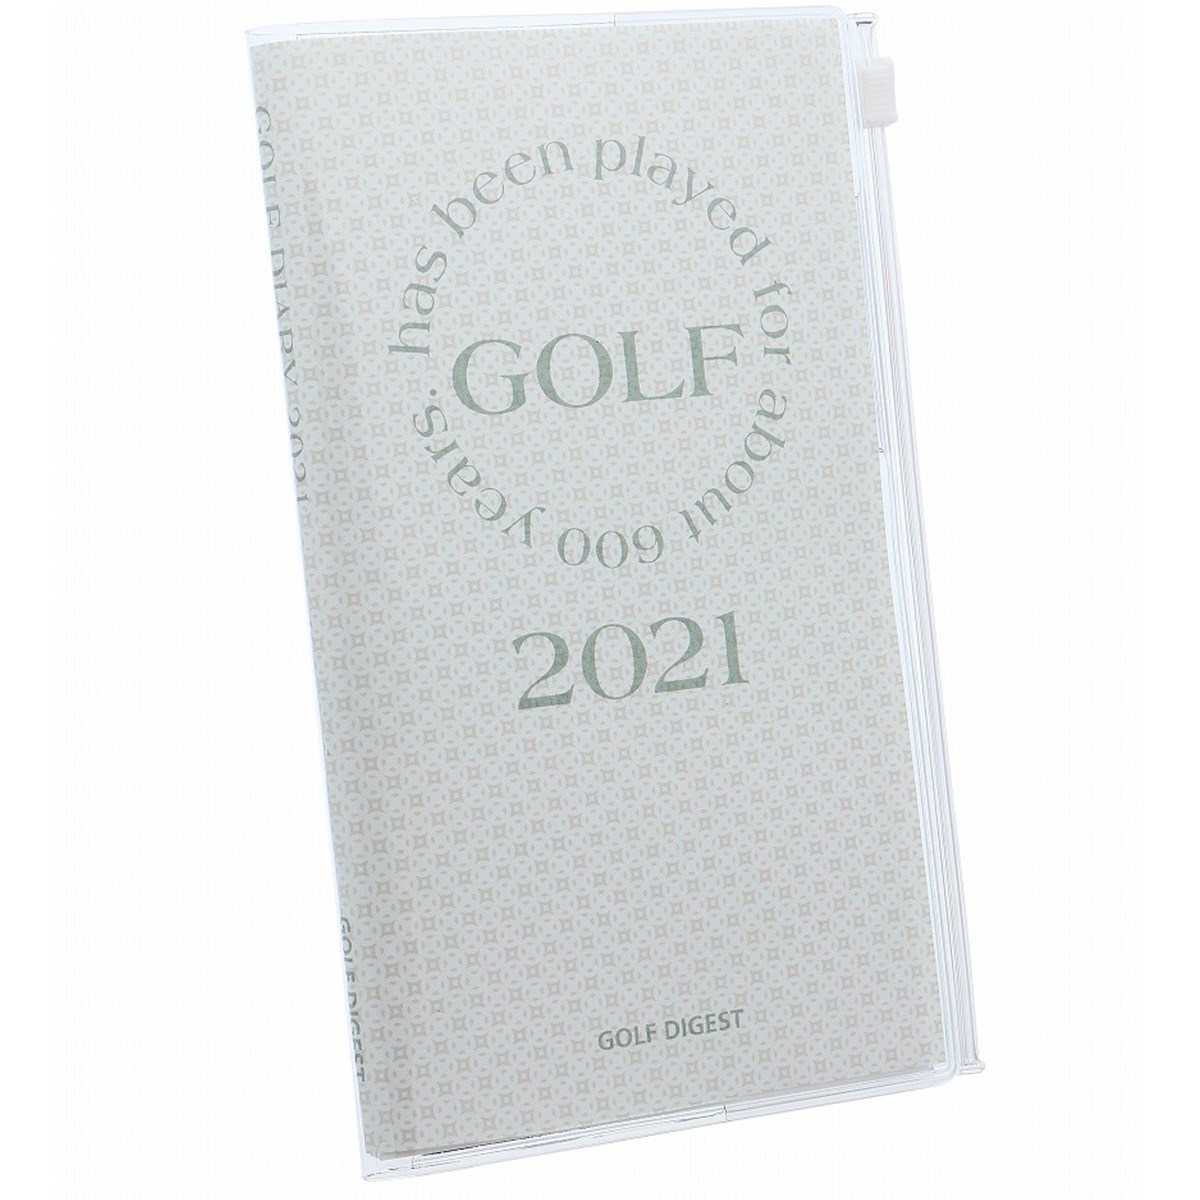 ゴルフダイジェスト(GolfDigest) ゴルフ手帖2021